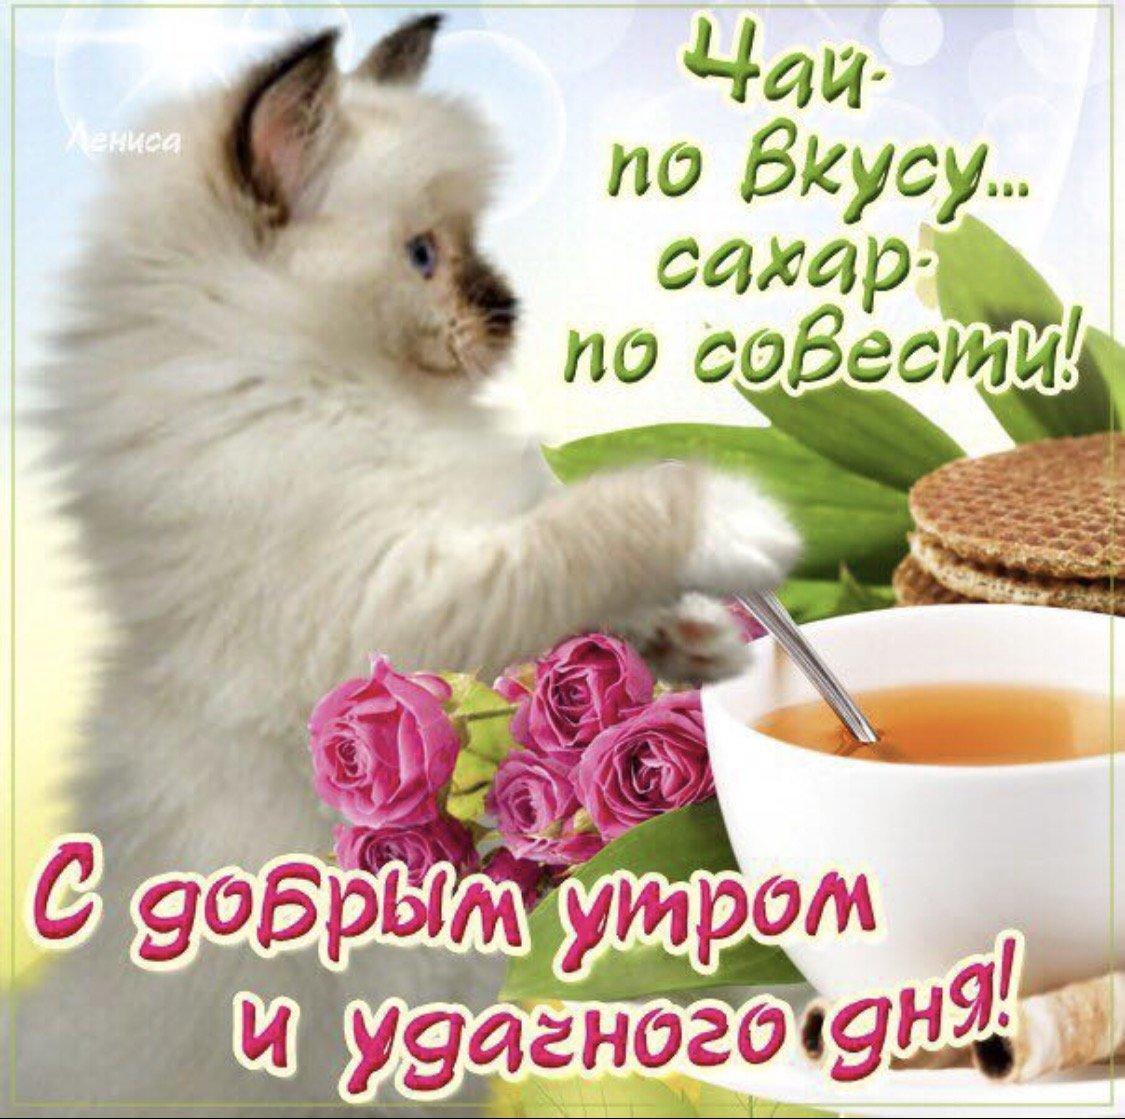 Сделать, пожелание доброго утра и хорошего дня прикольные в картинках женщине